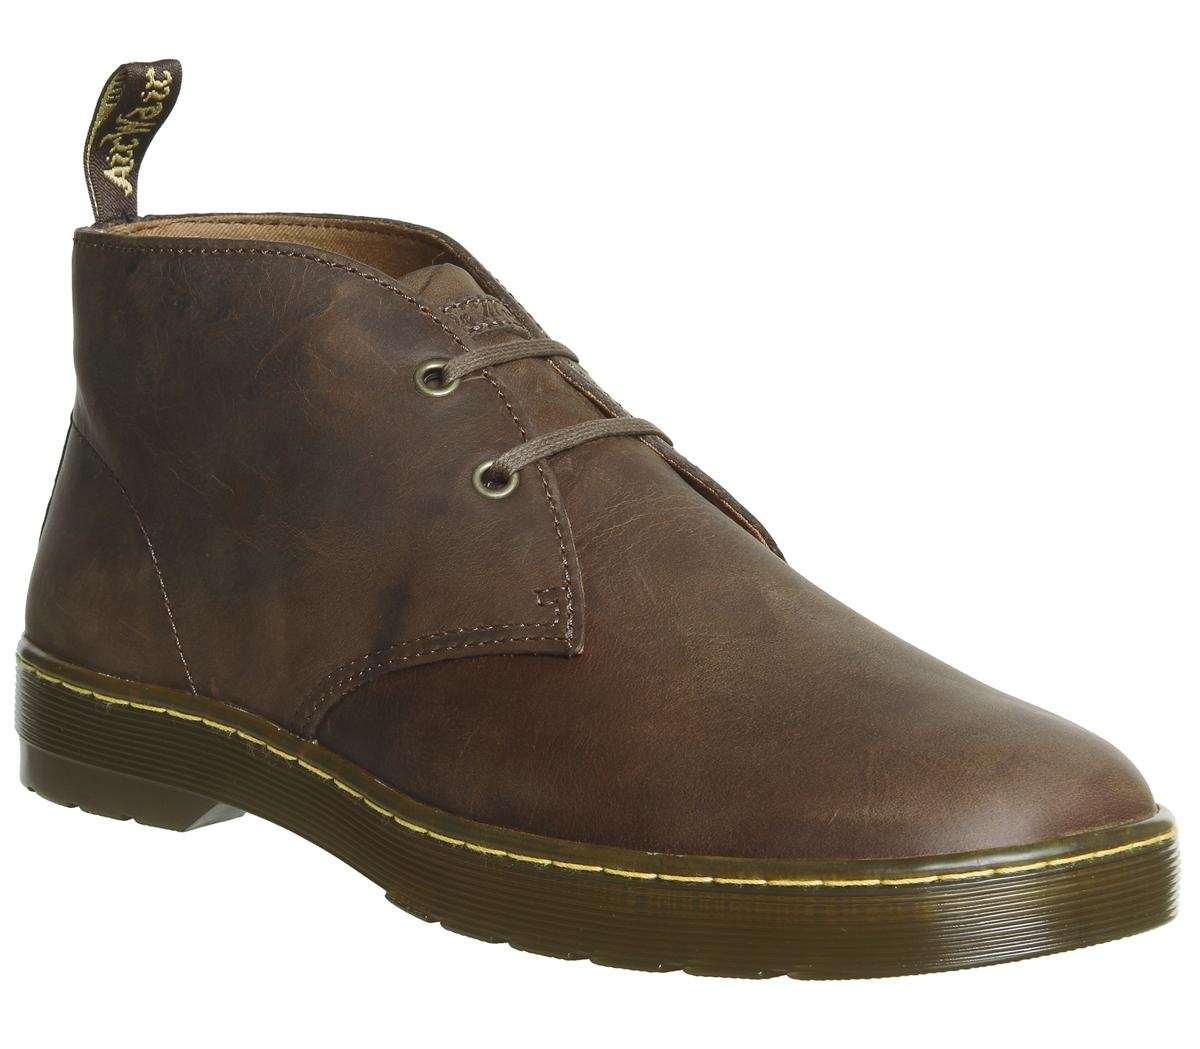 Dr Martens Cruise Cabrillo Chukka boot